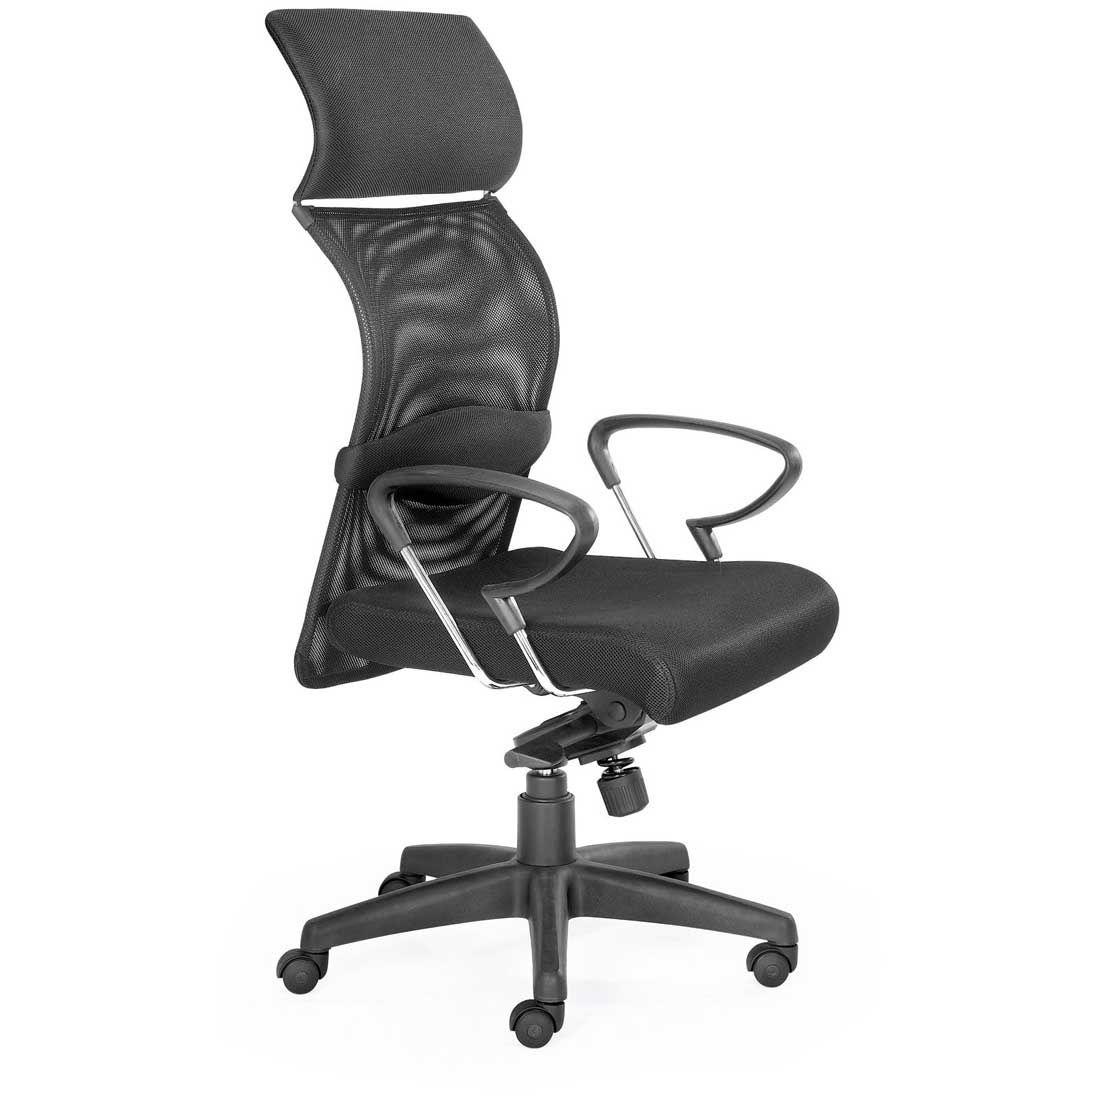 Ergonomische Computer Stuhl Ergonomische Computer Stuhl Das Gefuhl Eine Charmante Atmosphare Mit Frische Office Chair Best Office Chair Used Office Chairs